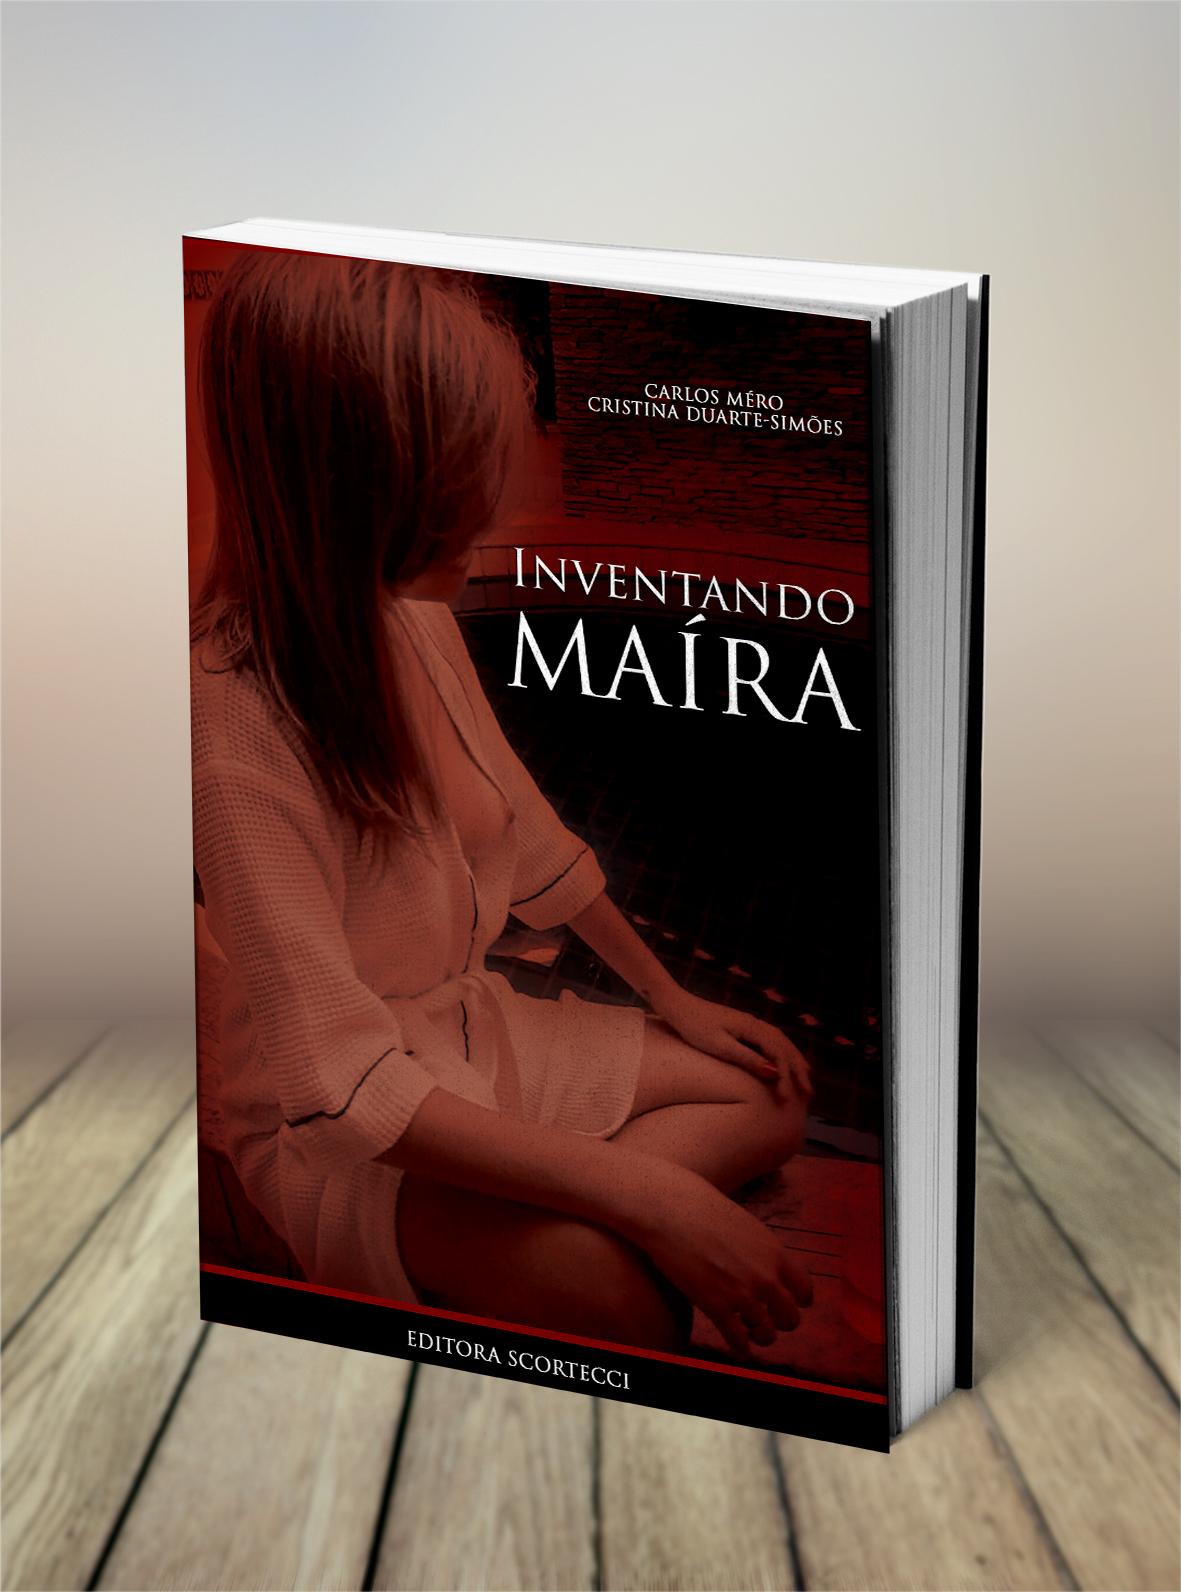 INVENTANDO MAÍRA (NOVELAS) - CARLOS MÉRO e CHRISTINA DUARTE-SIMÕES (ISBN 978-85-366-4844-6)